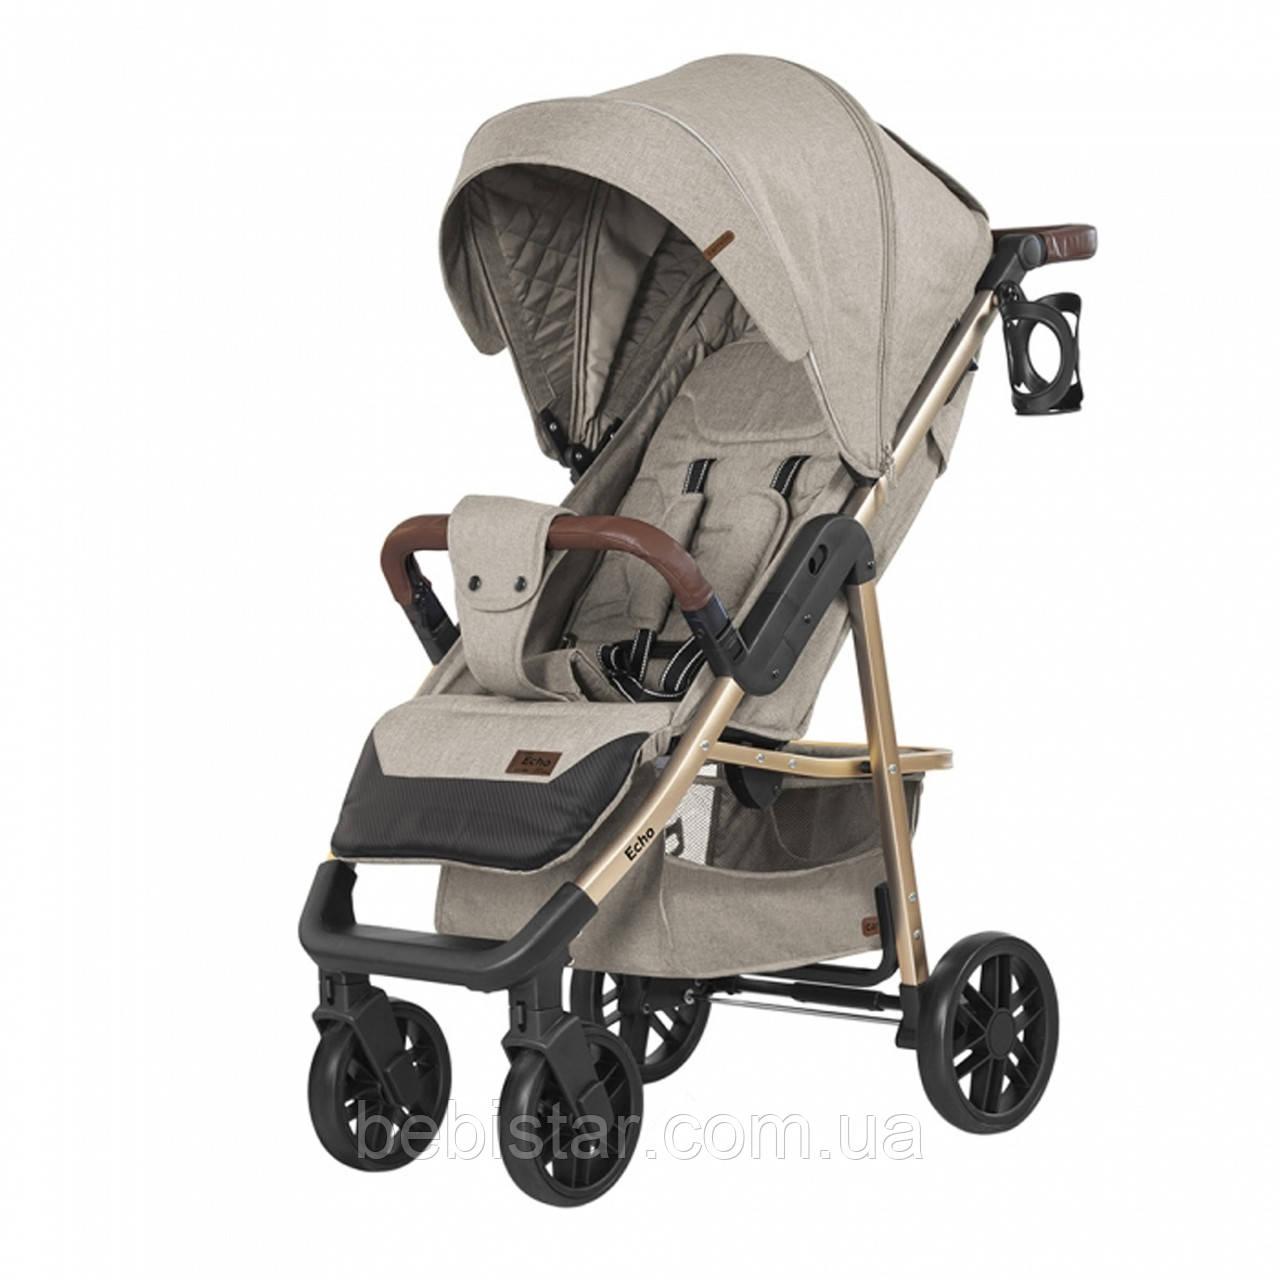 Детская прогулочная коляска бежевая CARRELLO Echo CRL-8508/1 Camel Beige c дождевиком